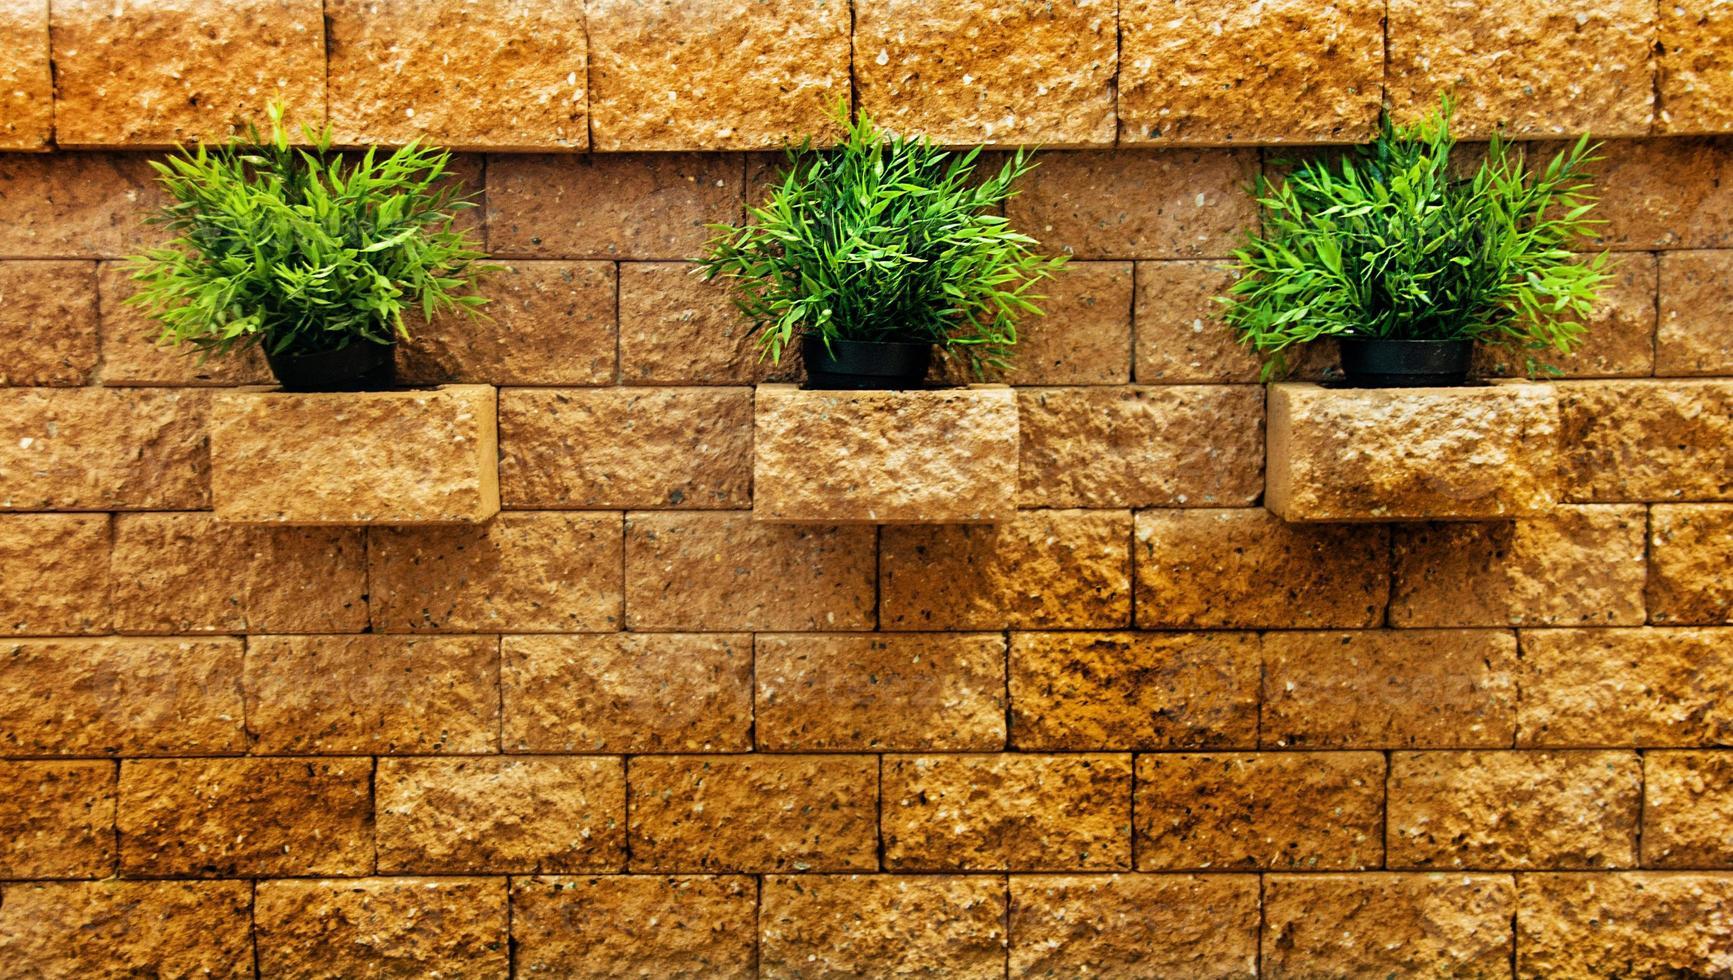 tre ciuffo di erba verde sul muro di mattoni foto